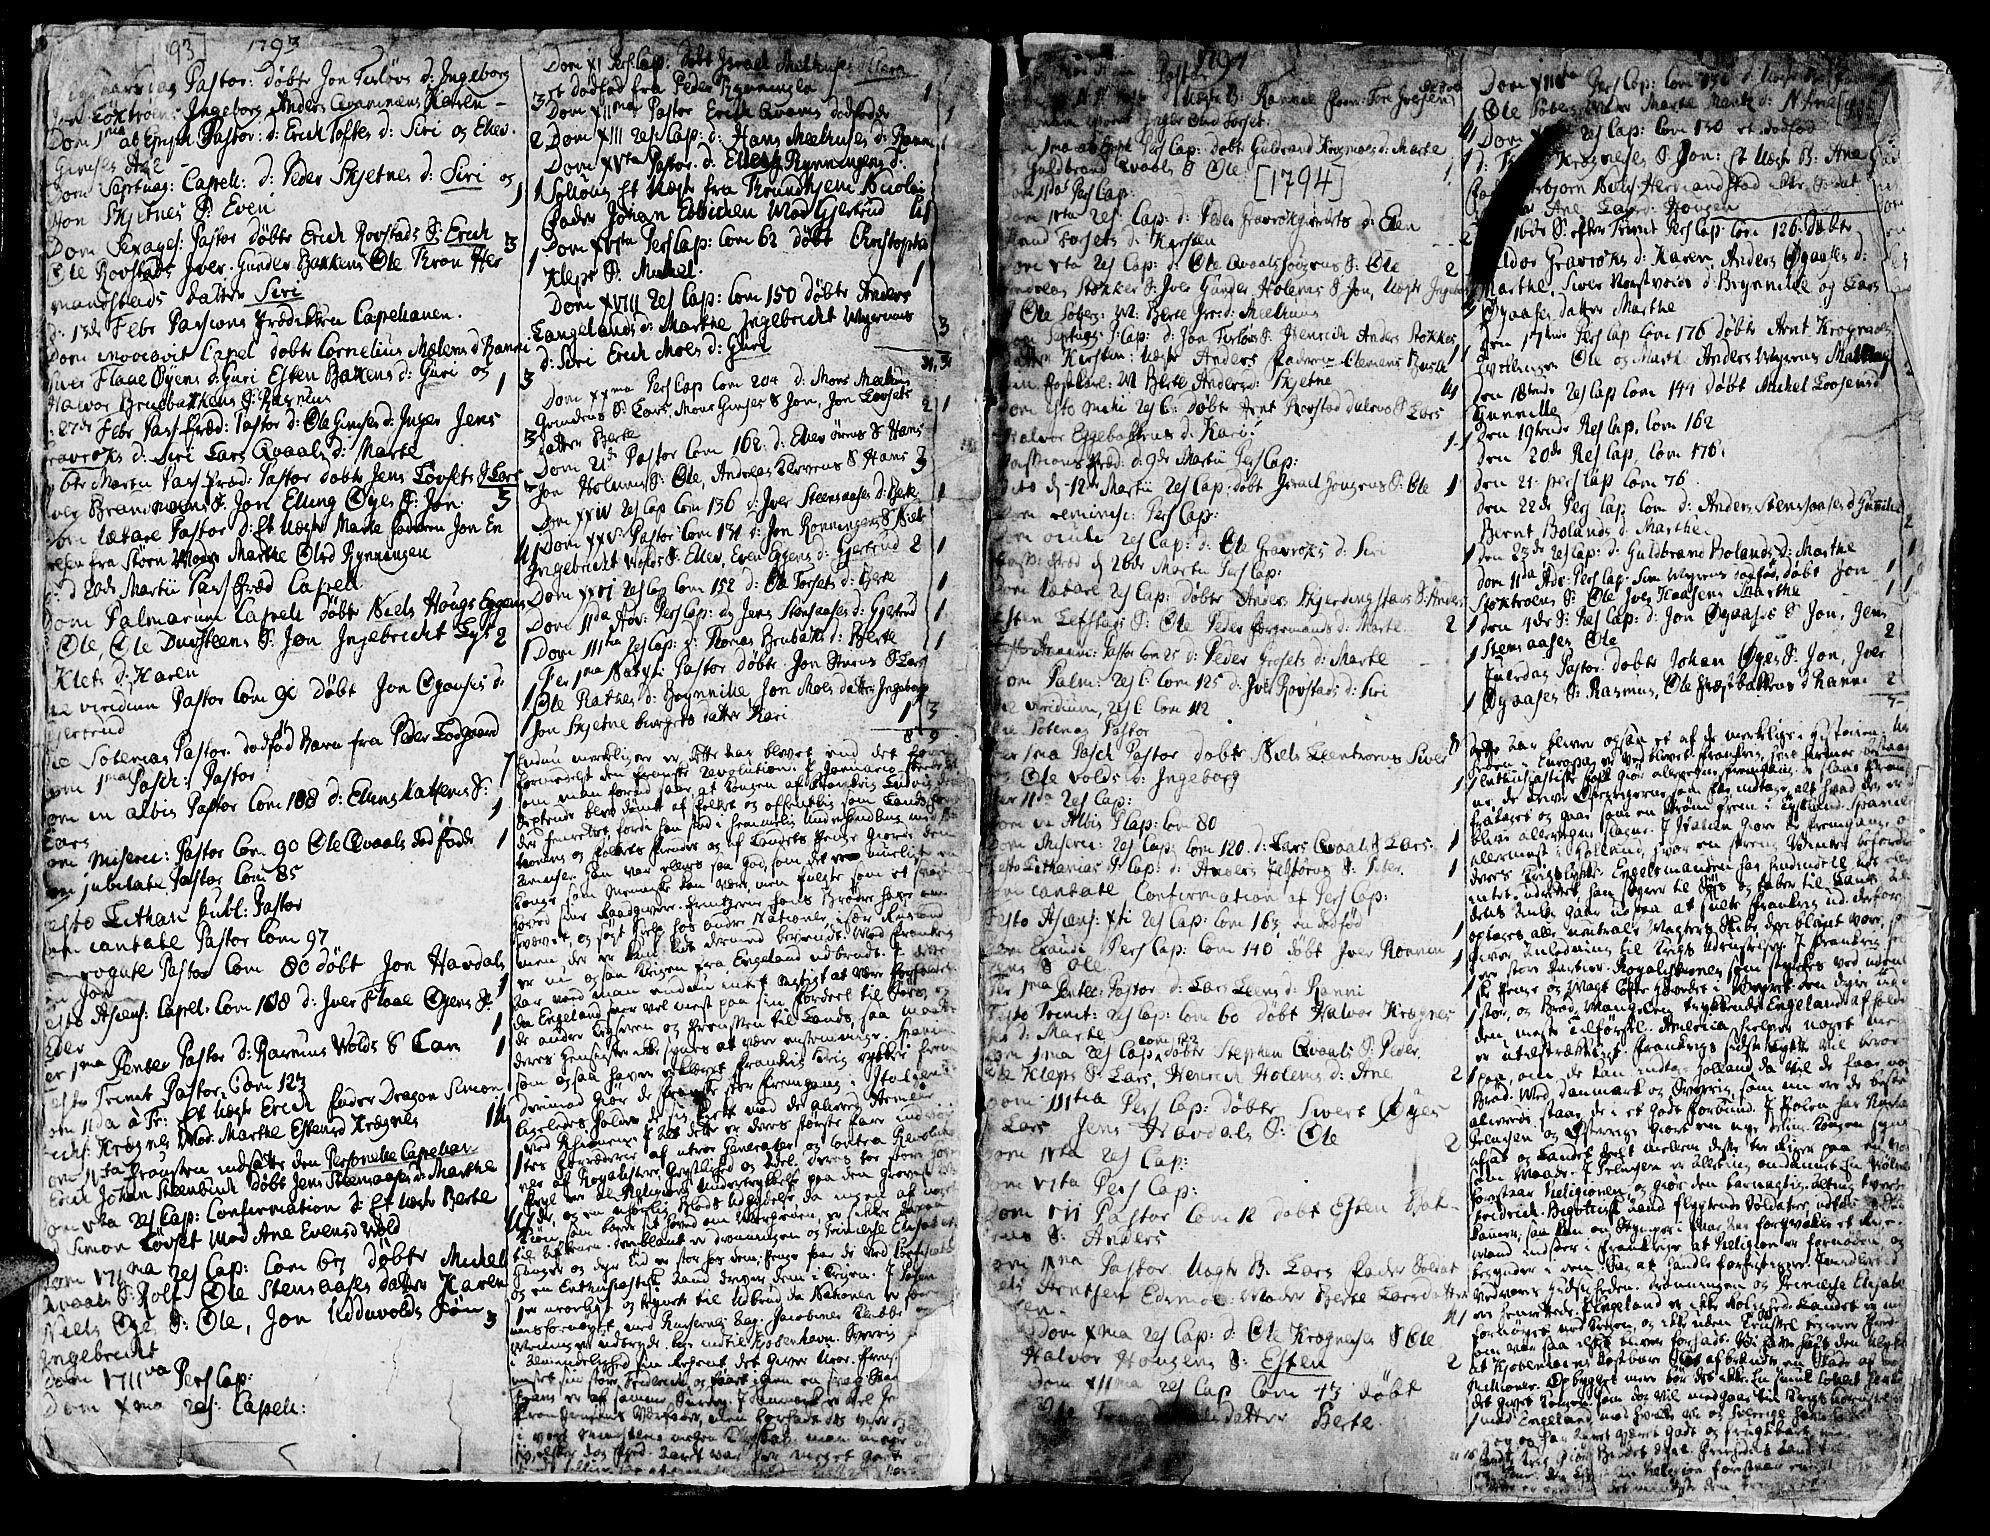 SAT, Ministerialprotokoller, klokkerbøker og fødselsregistre - Sør-Trøndelag, 691/L1061: Ministerialbok nr. 691A02 /1, 1768-1815, s. 15